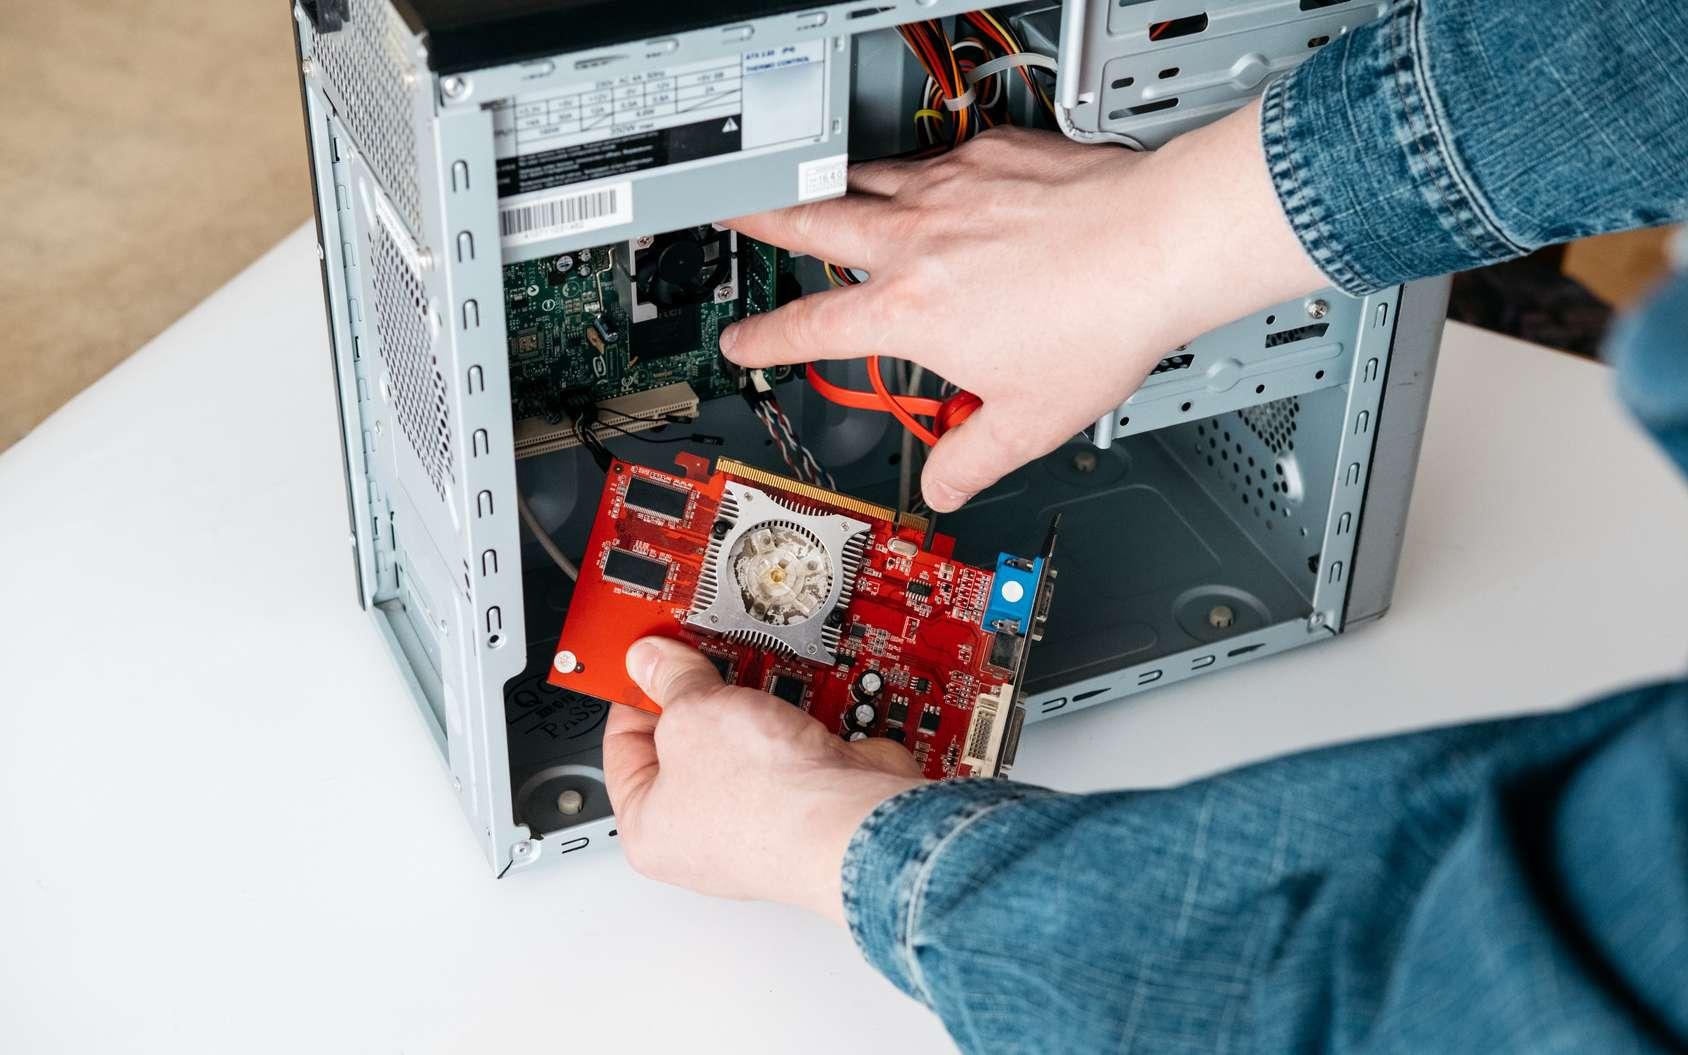 La carte graphique est un composant de l'ordinateur. © photognus, Fotolia